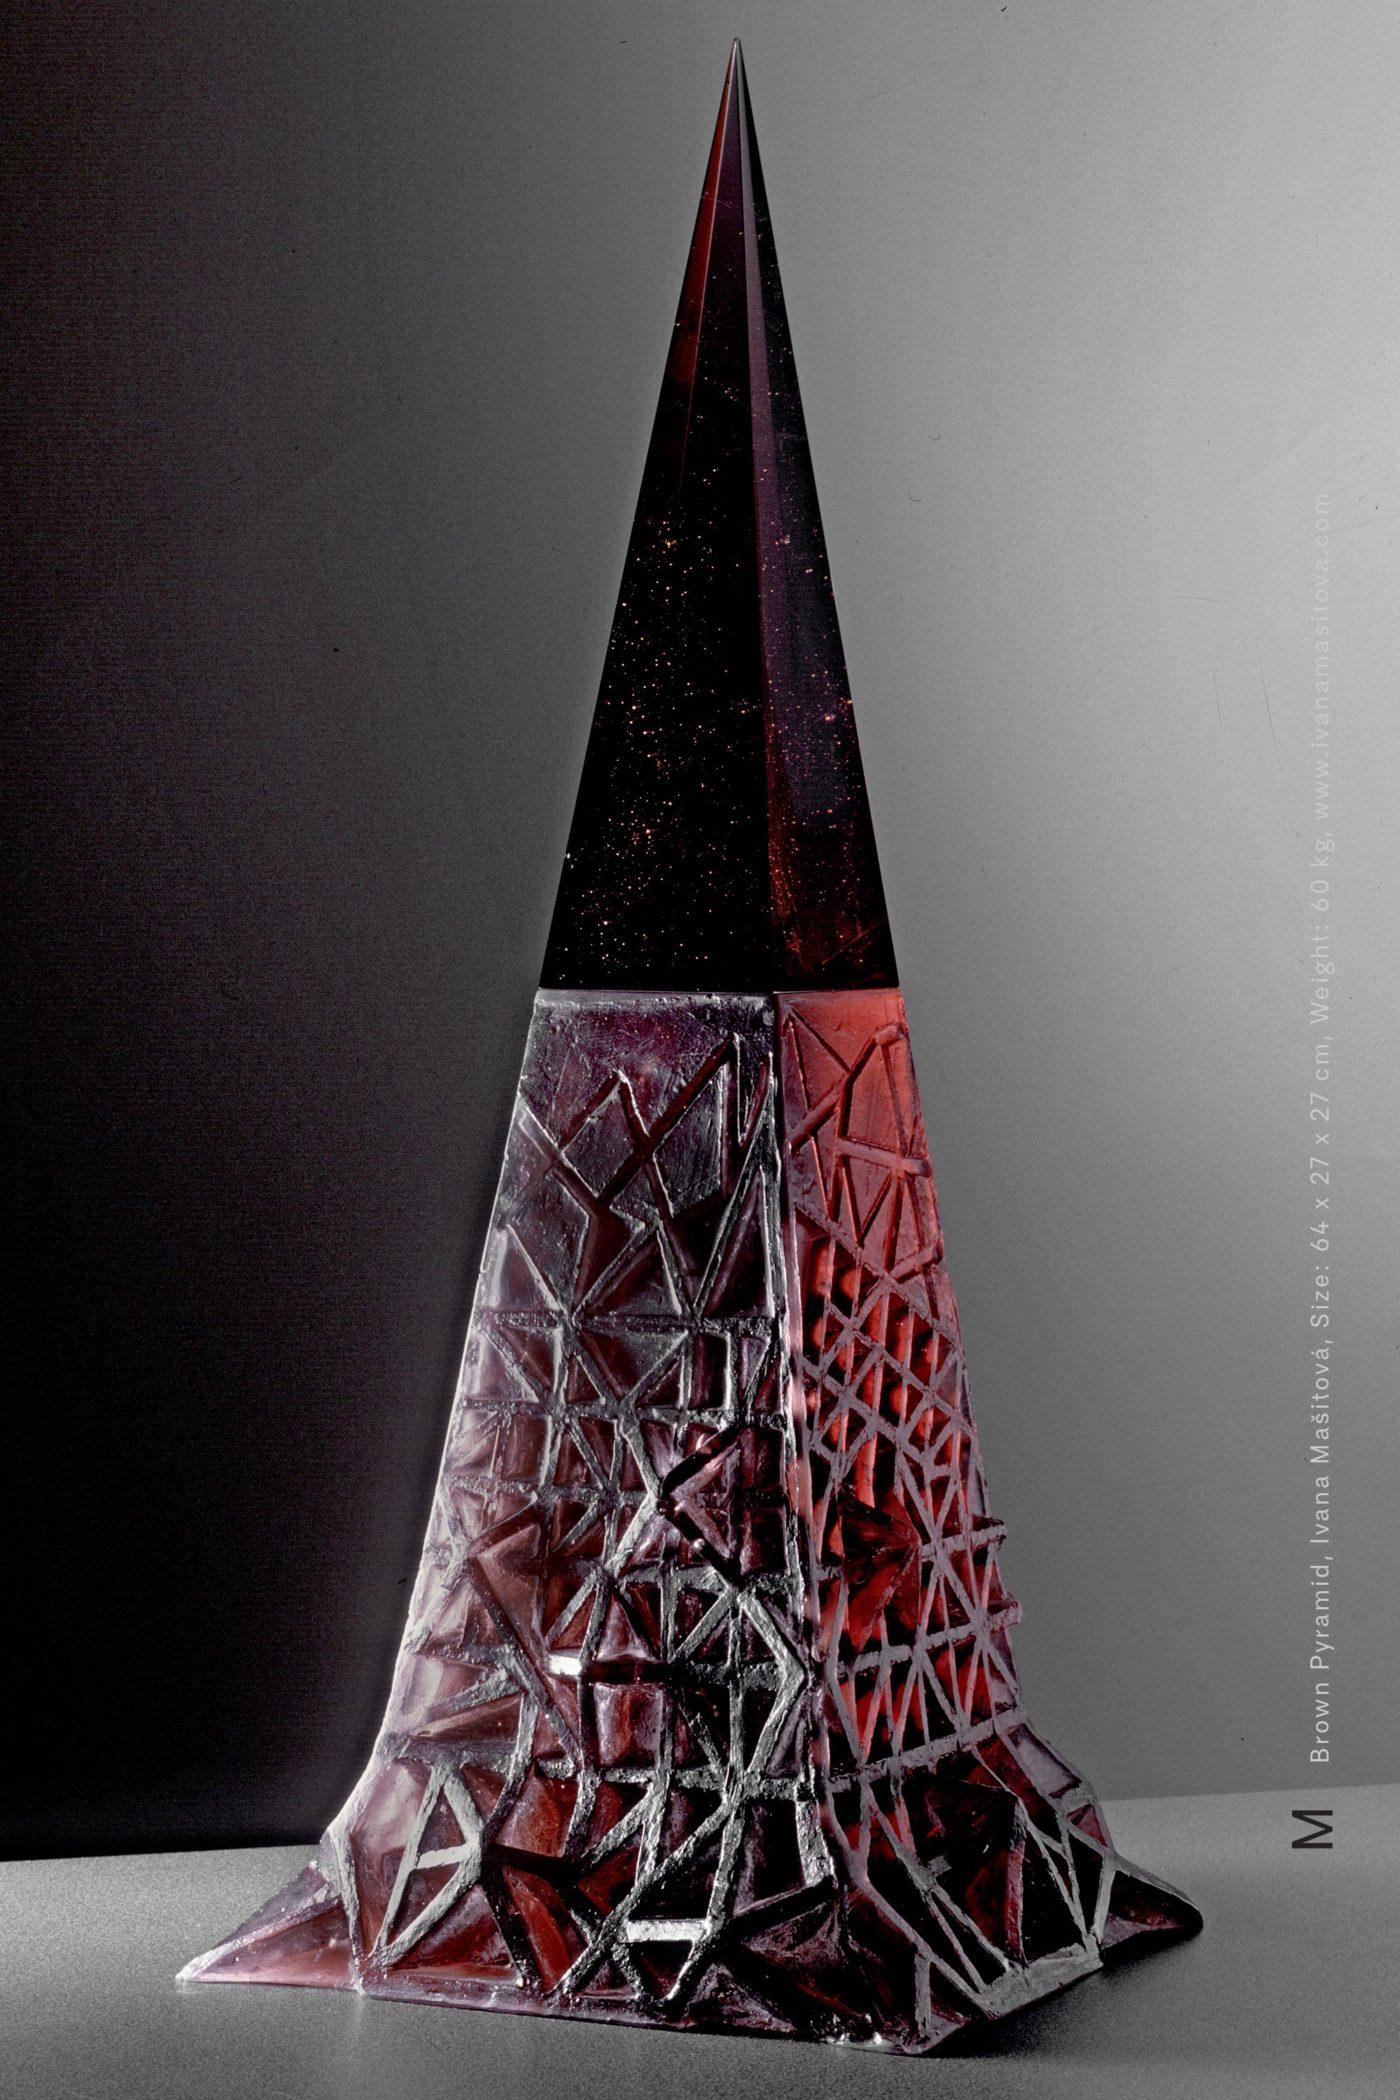 Hneda-pyramida_Brown-Pyramid,64x27x27cm,60kg